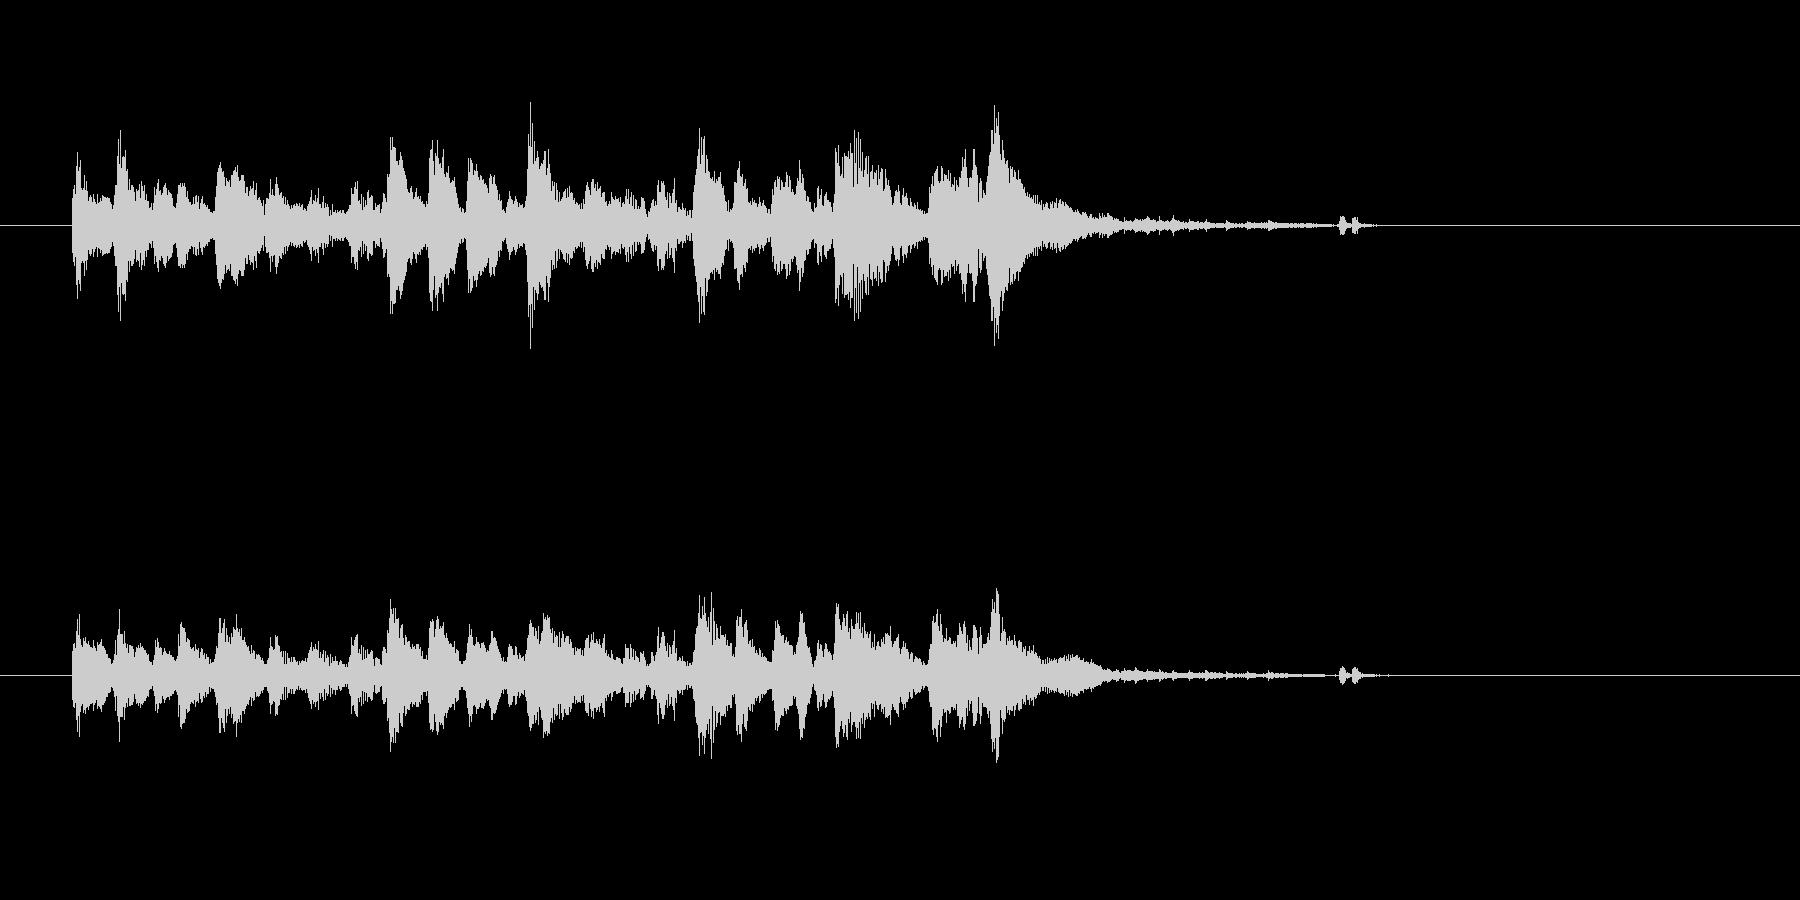 ジャズ シンセサイザー ヴィブラフォンの未再生の波形